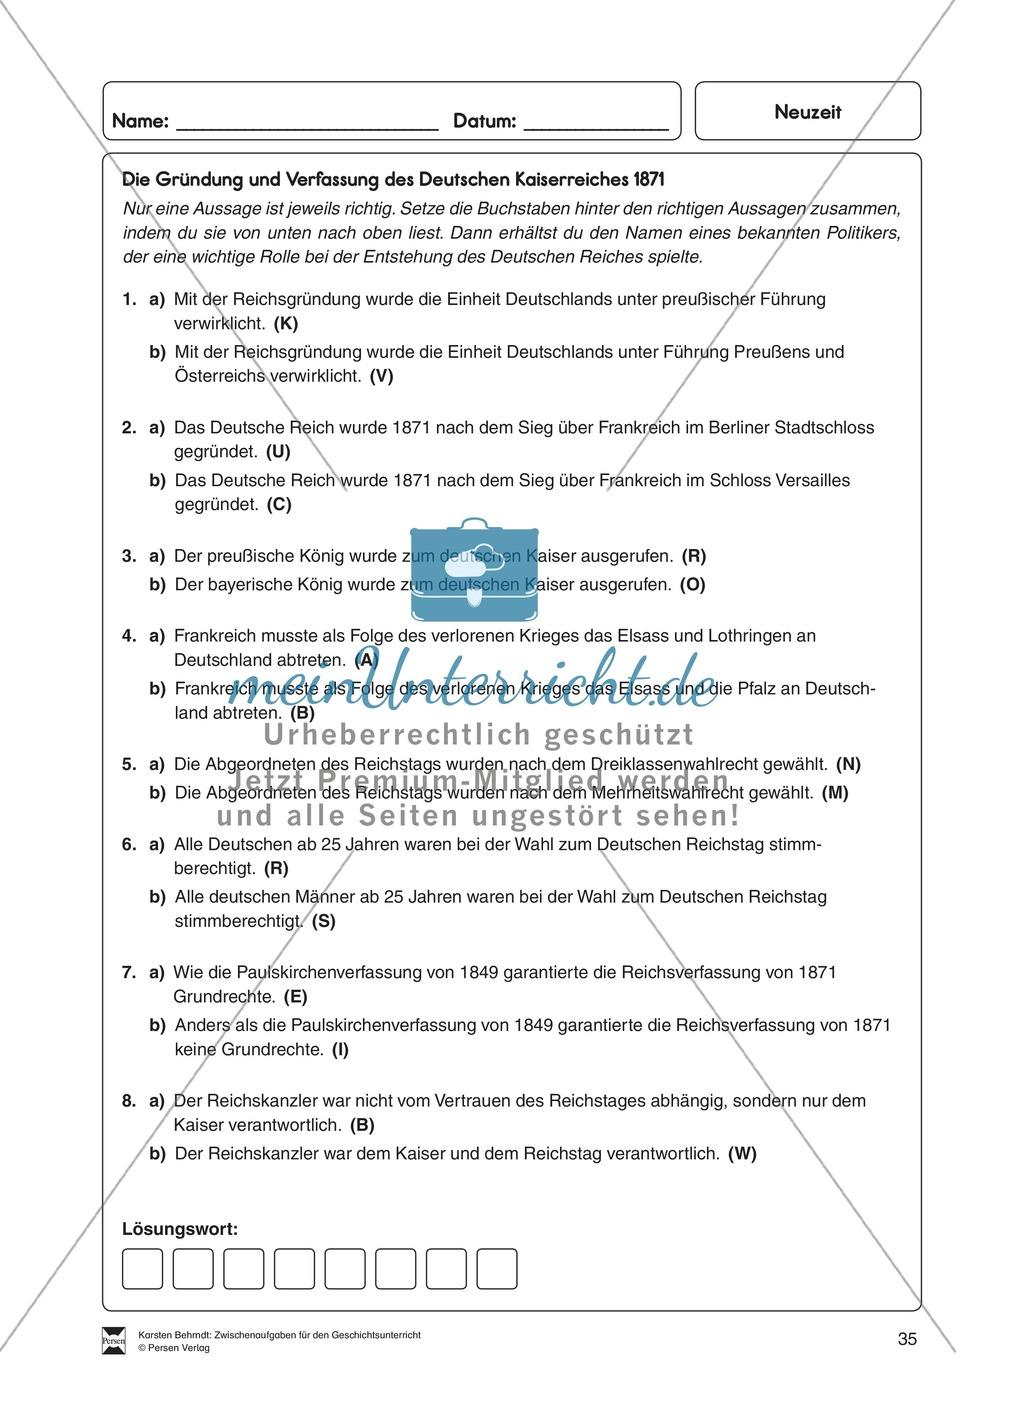 Multiple-Choice Rätsel zur Gründung und Verfassung des Deutschen Kaiserreichs 1871 Preview 0